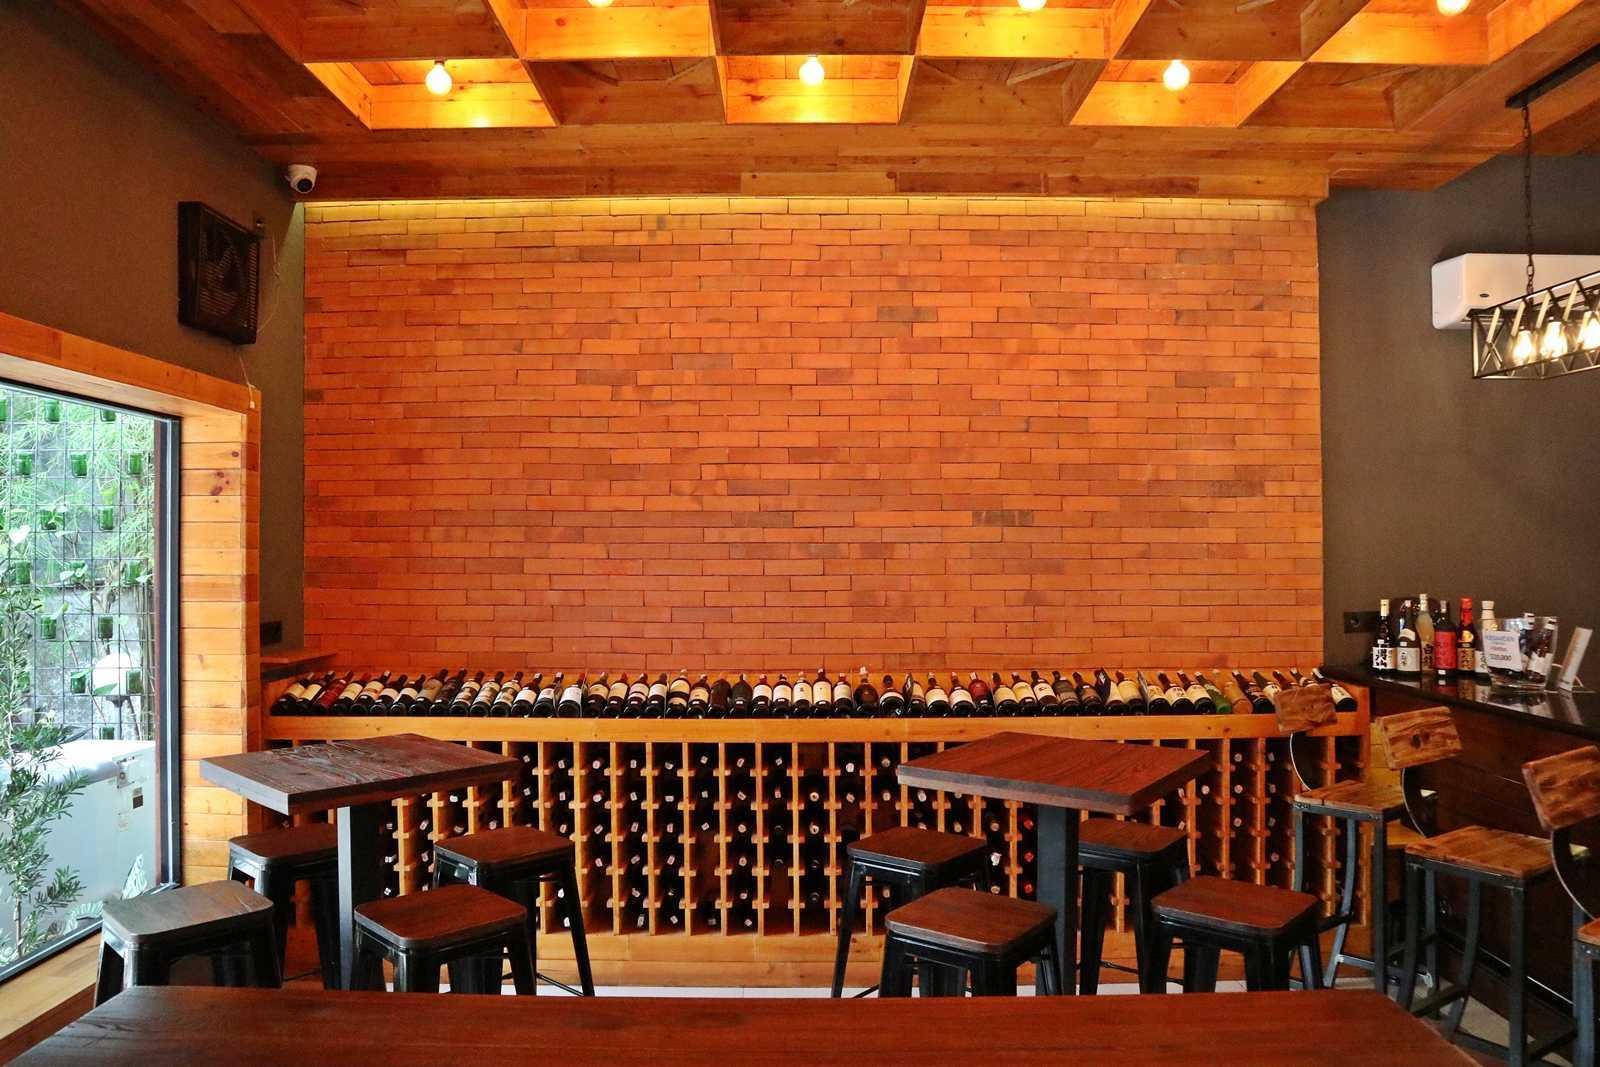 Bd Studio The Traders - Wine Sake Room Medan, Kota Medan, Sumatera Utara, Indonesia Medan, Kota Medan, Sumatera Utara, Indonesia Bd-Studio-The-Trader-Wine-Sake-Room   74081